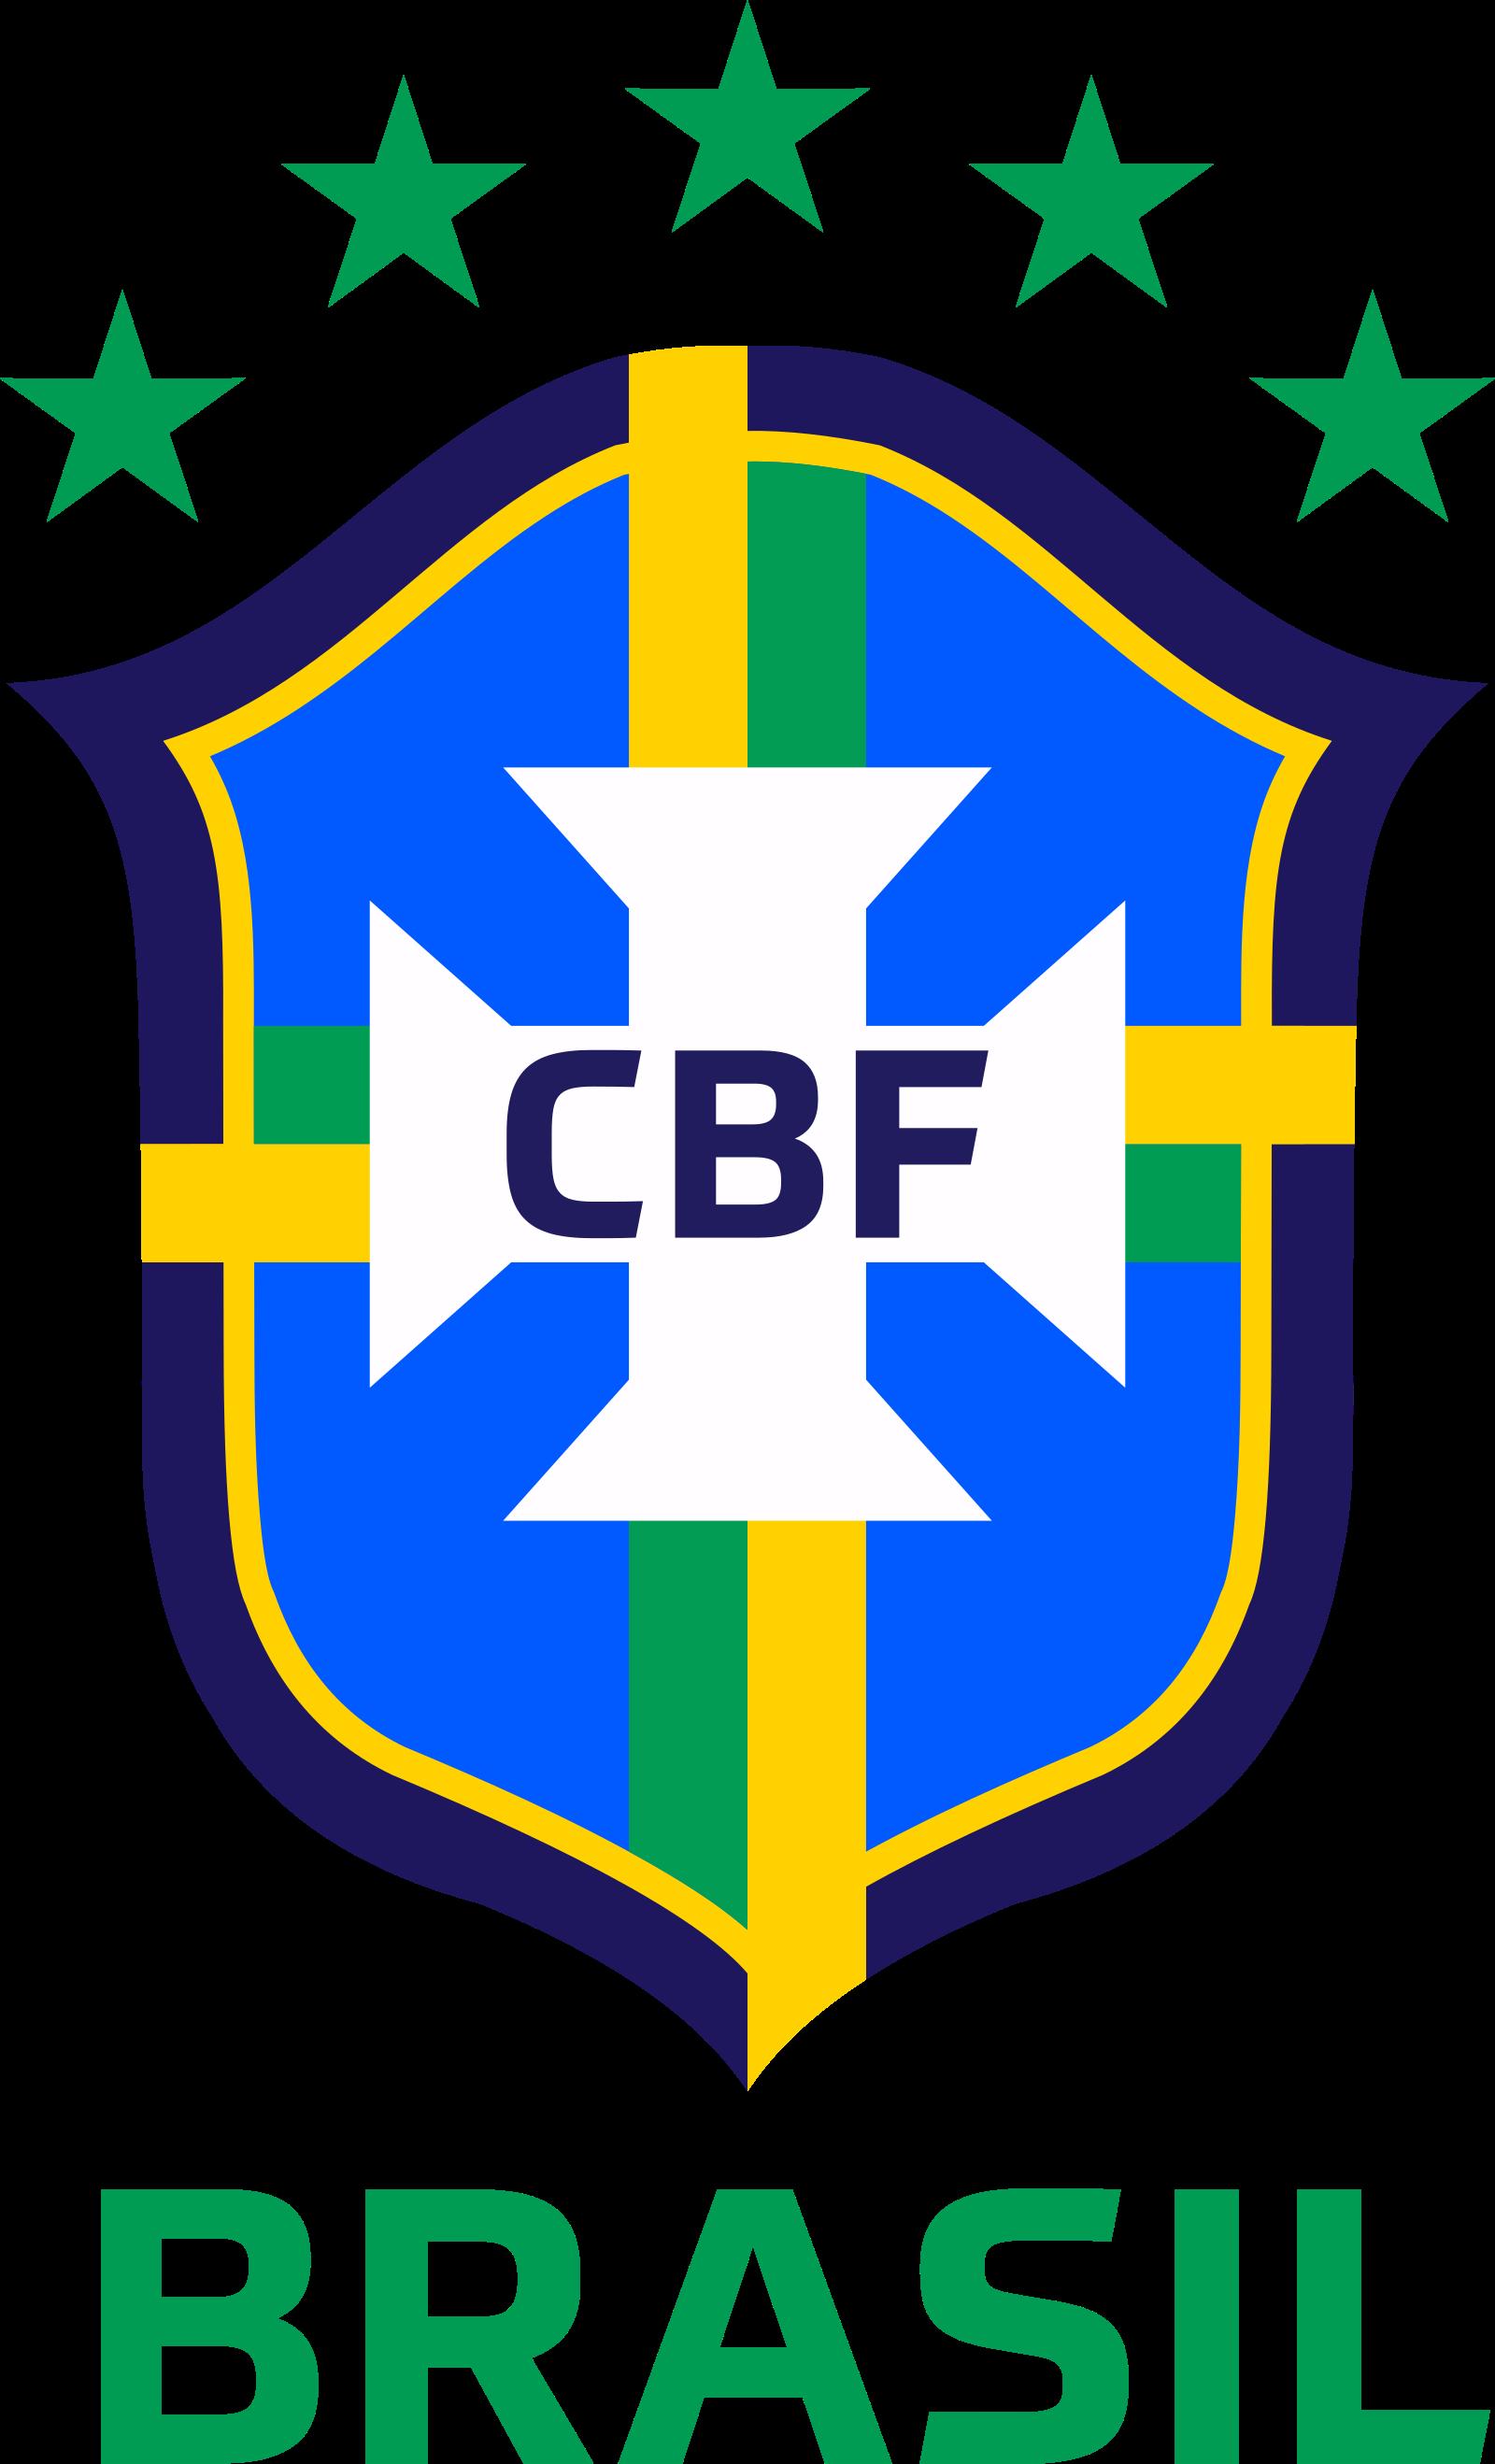 cbf logo selecao logo brasil 4 - CBF Logo - Confederação Brasileira de Futebol Logo